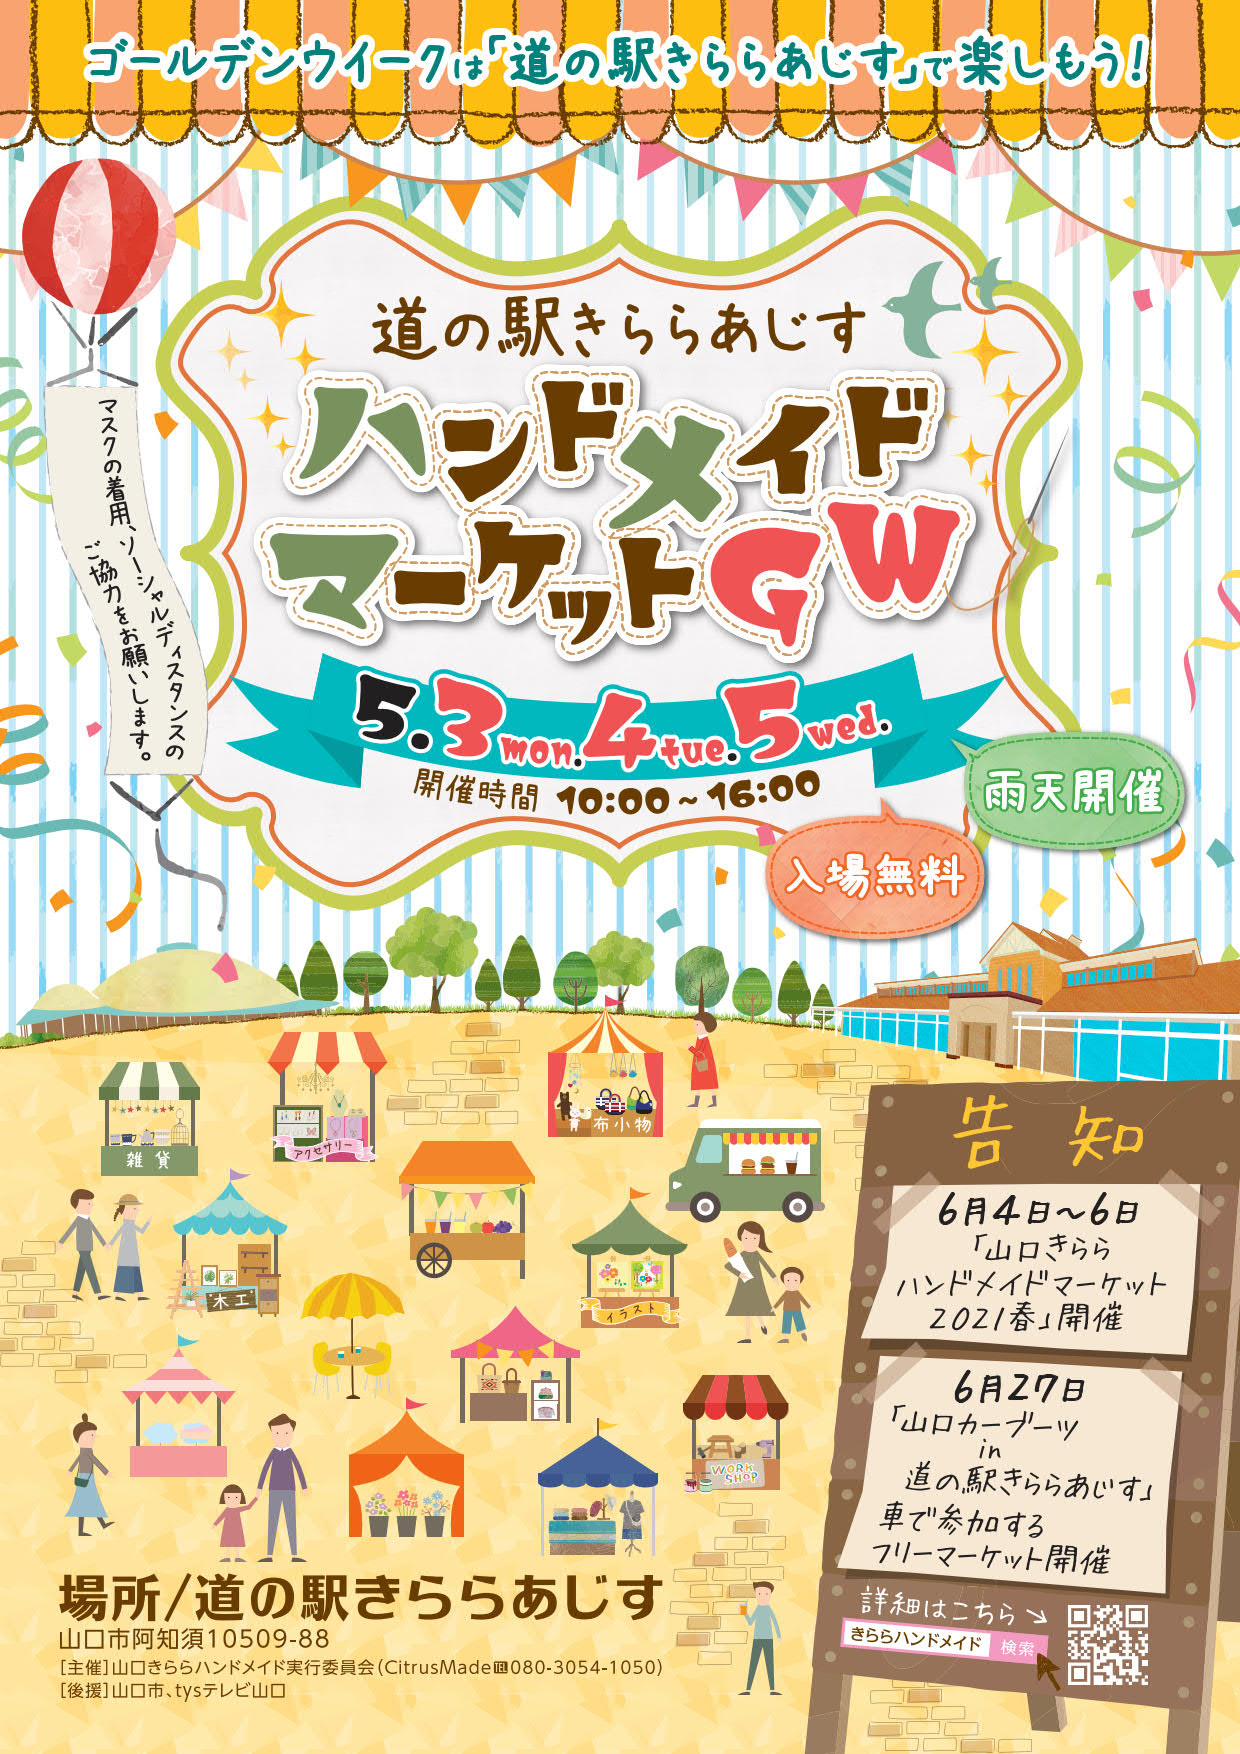 道の駅きららあじすハンドメイドマーケットGW 21/5/3-5 開催